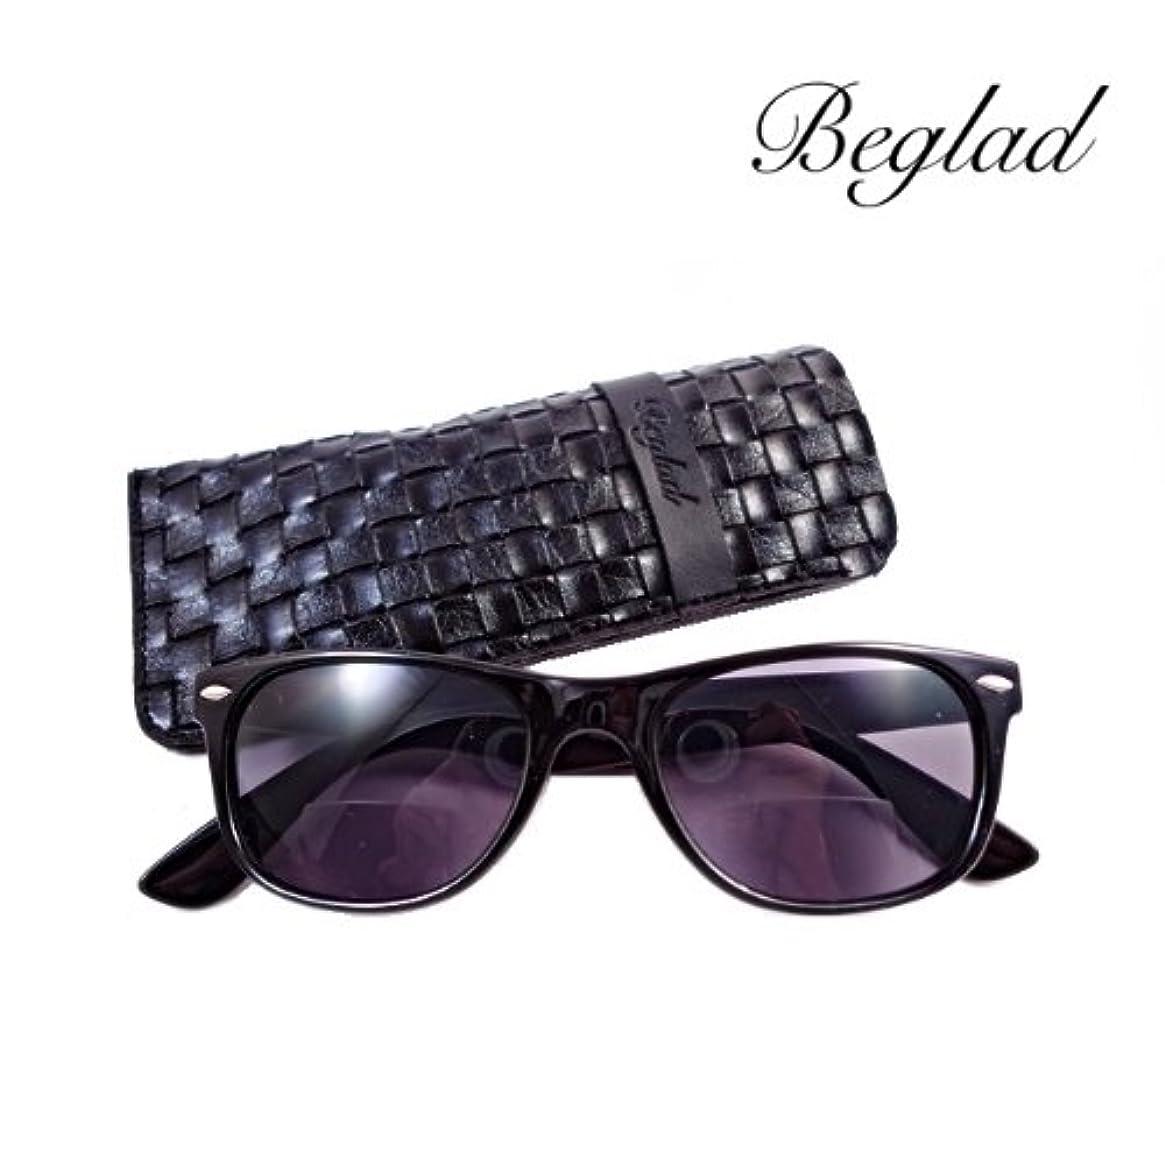 BEGLAD(ビグラッド)おしゃれなケース付 老眼鏡 BGE1009BK レジャーに最適な遠近両用タイプのサングラス